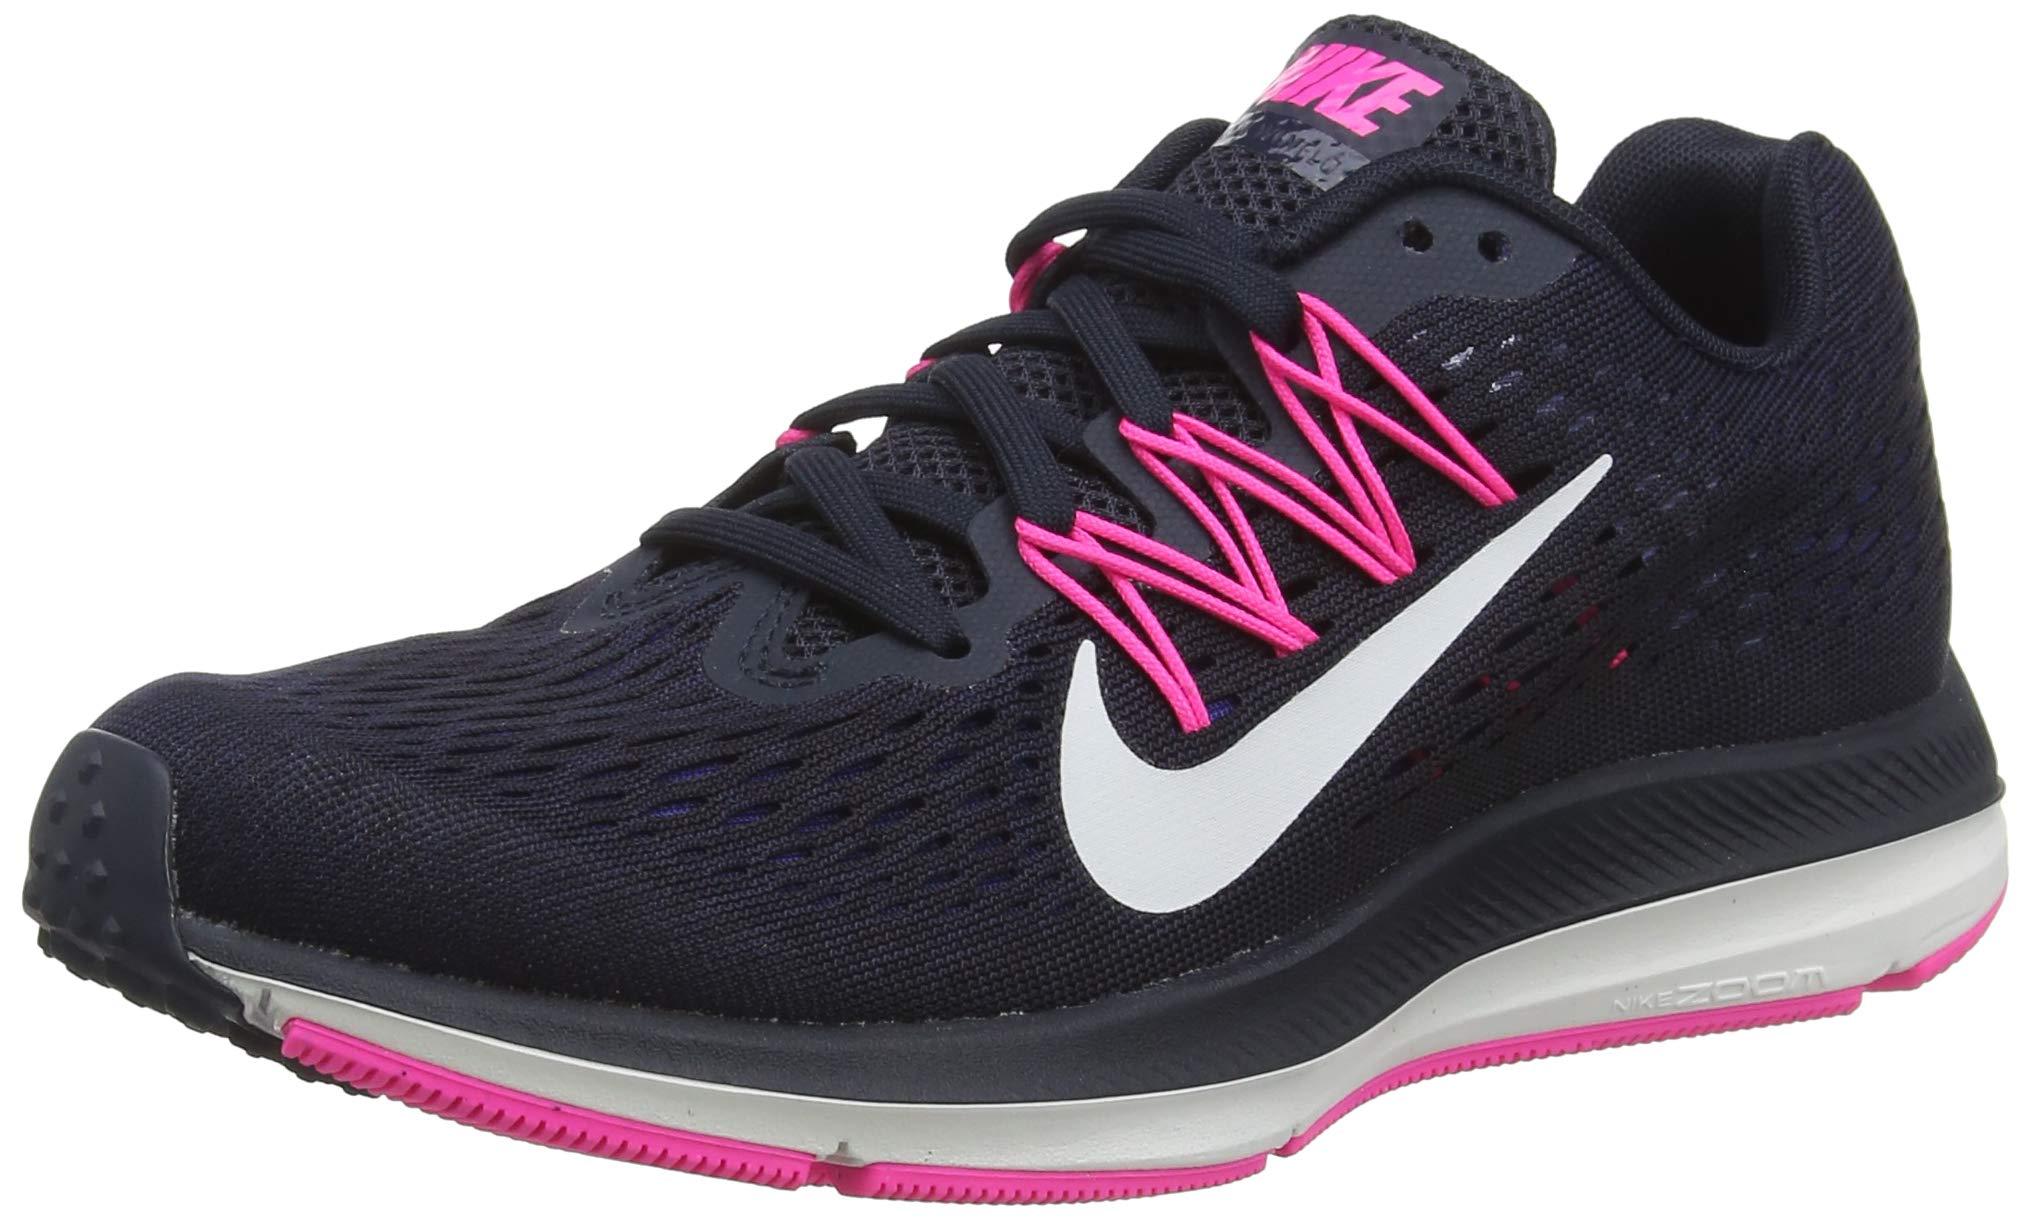 ▷ Ofertas Nike Zoom Winflo 5, Zapatillas de Running para Mujer   Moda  Ofertastop